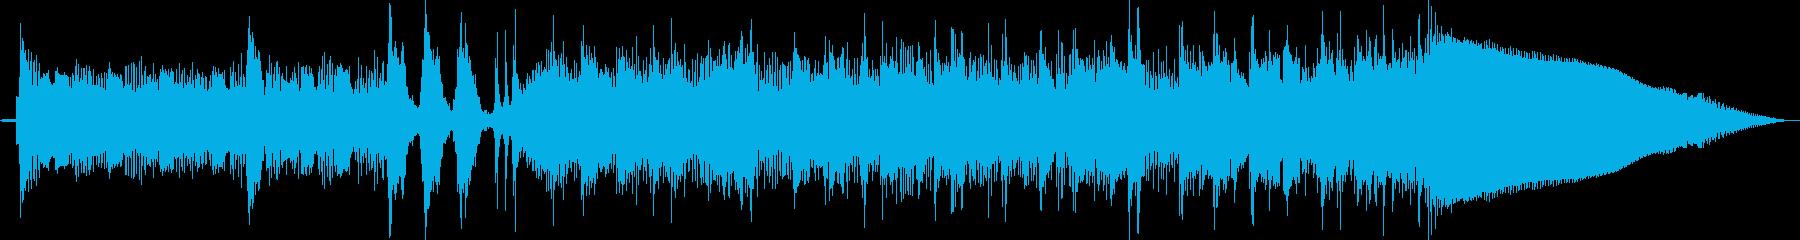 ベースサウンドで変拍子ジングル曲 CMの再生済みの波形